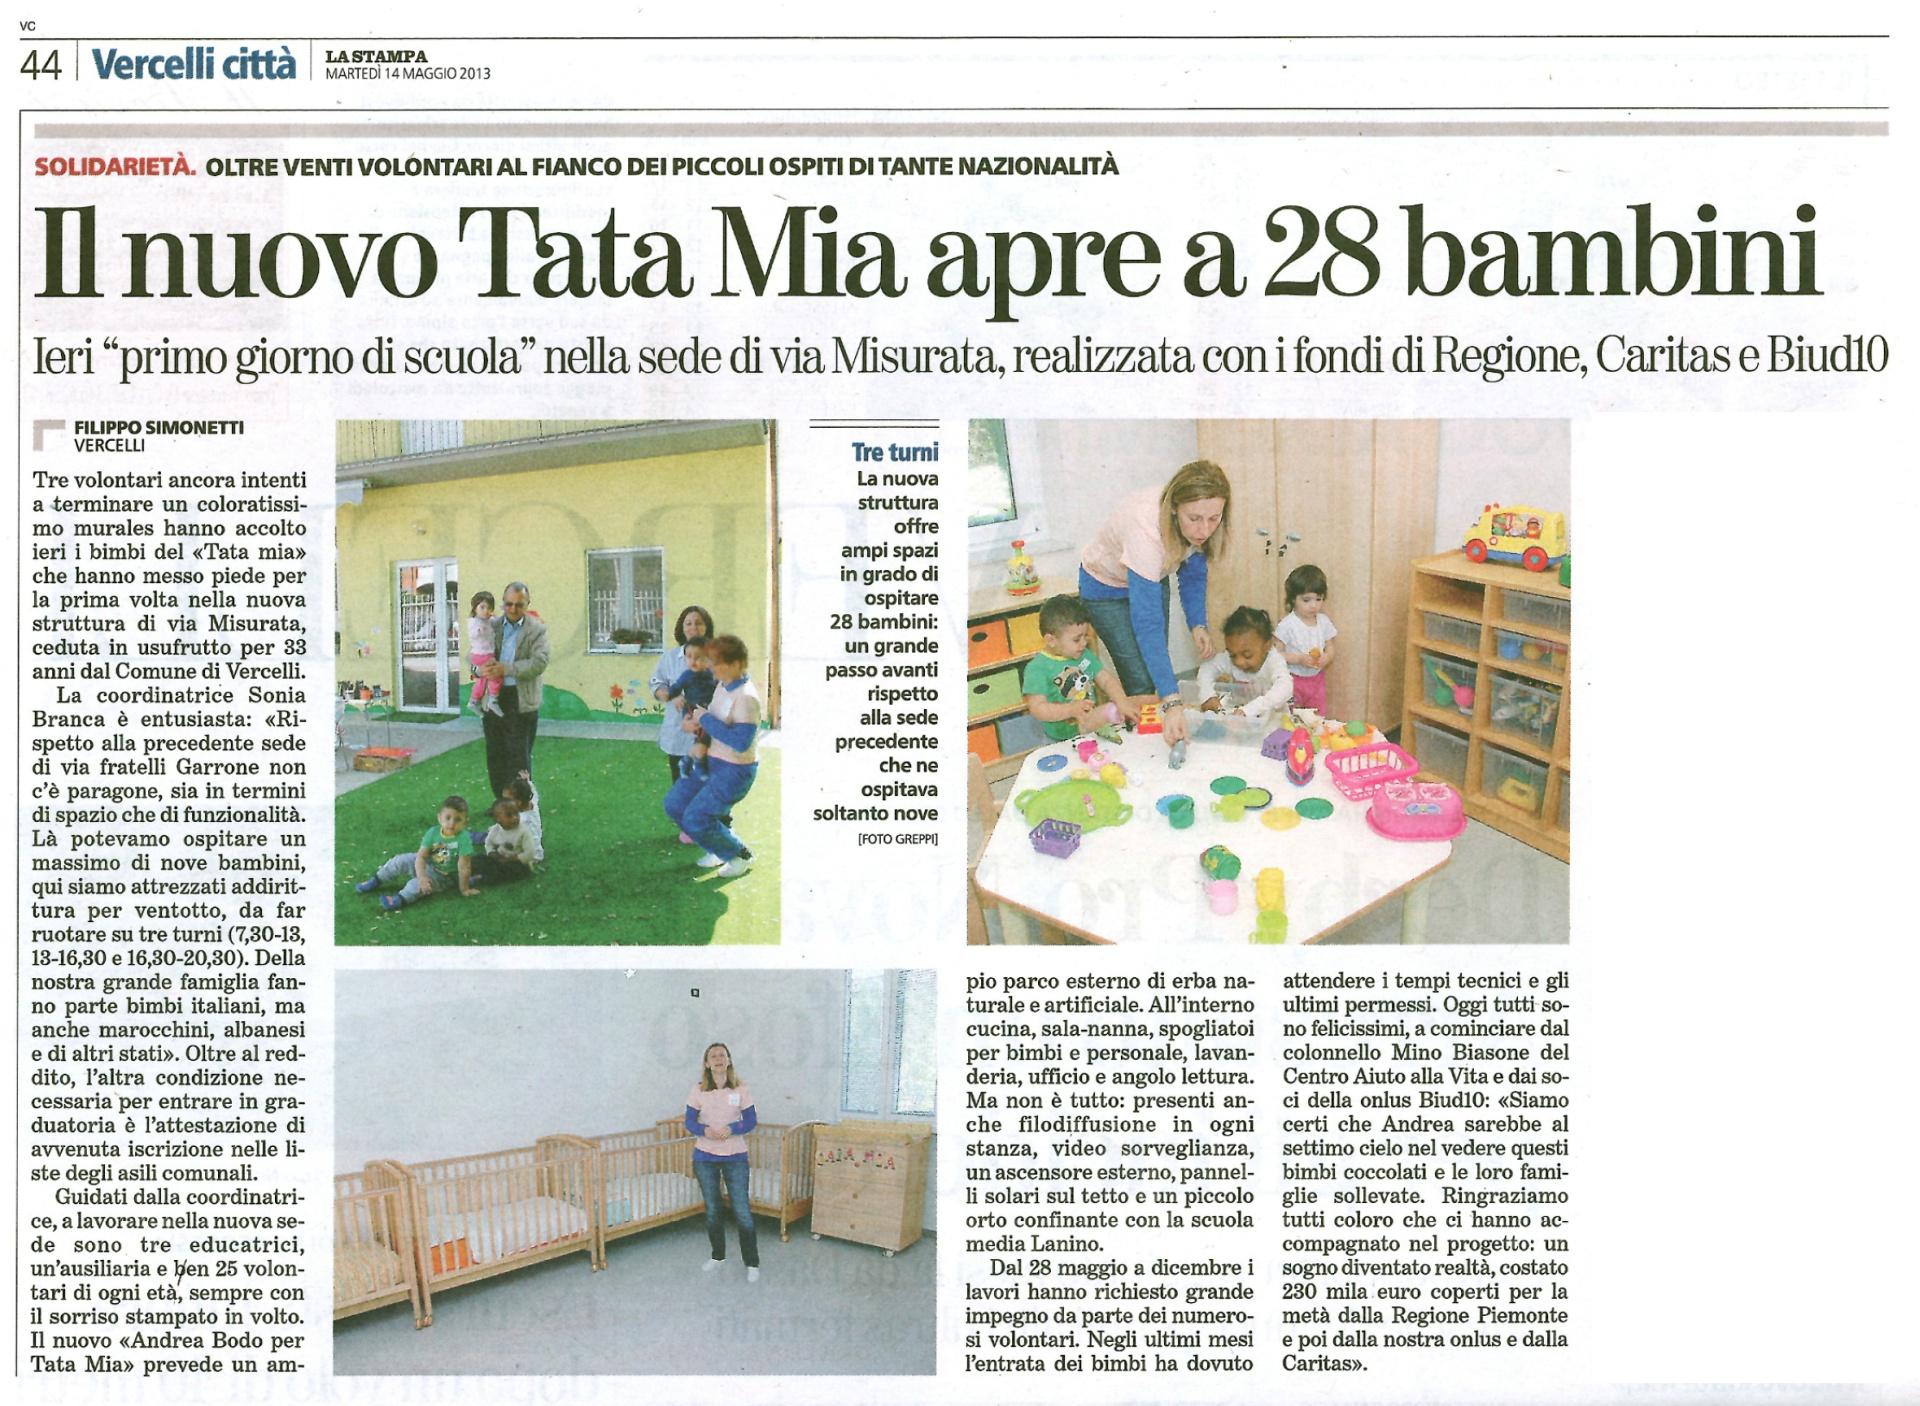 Il nuovo Tatamia apre a 28 bambini